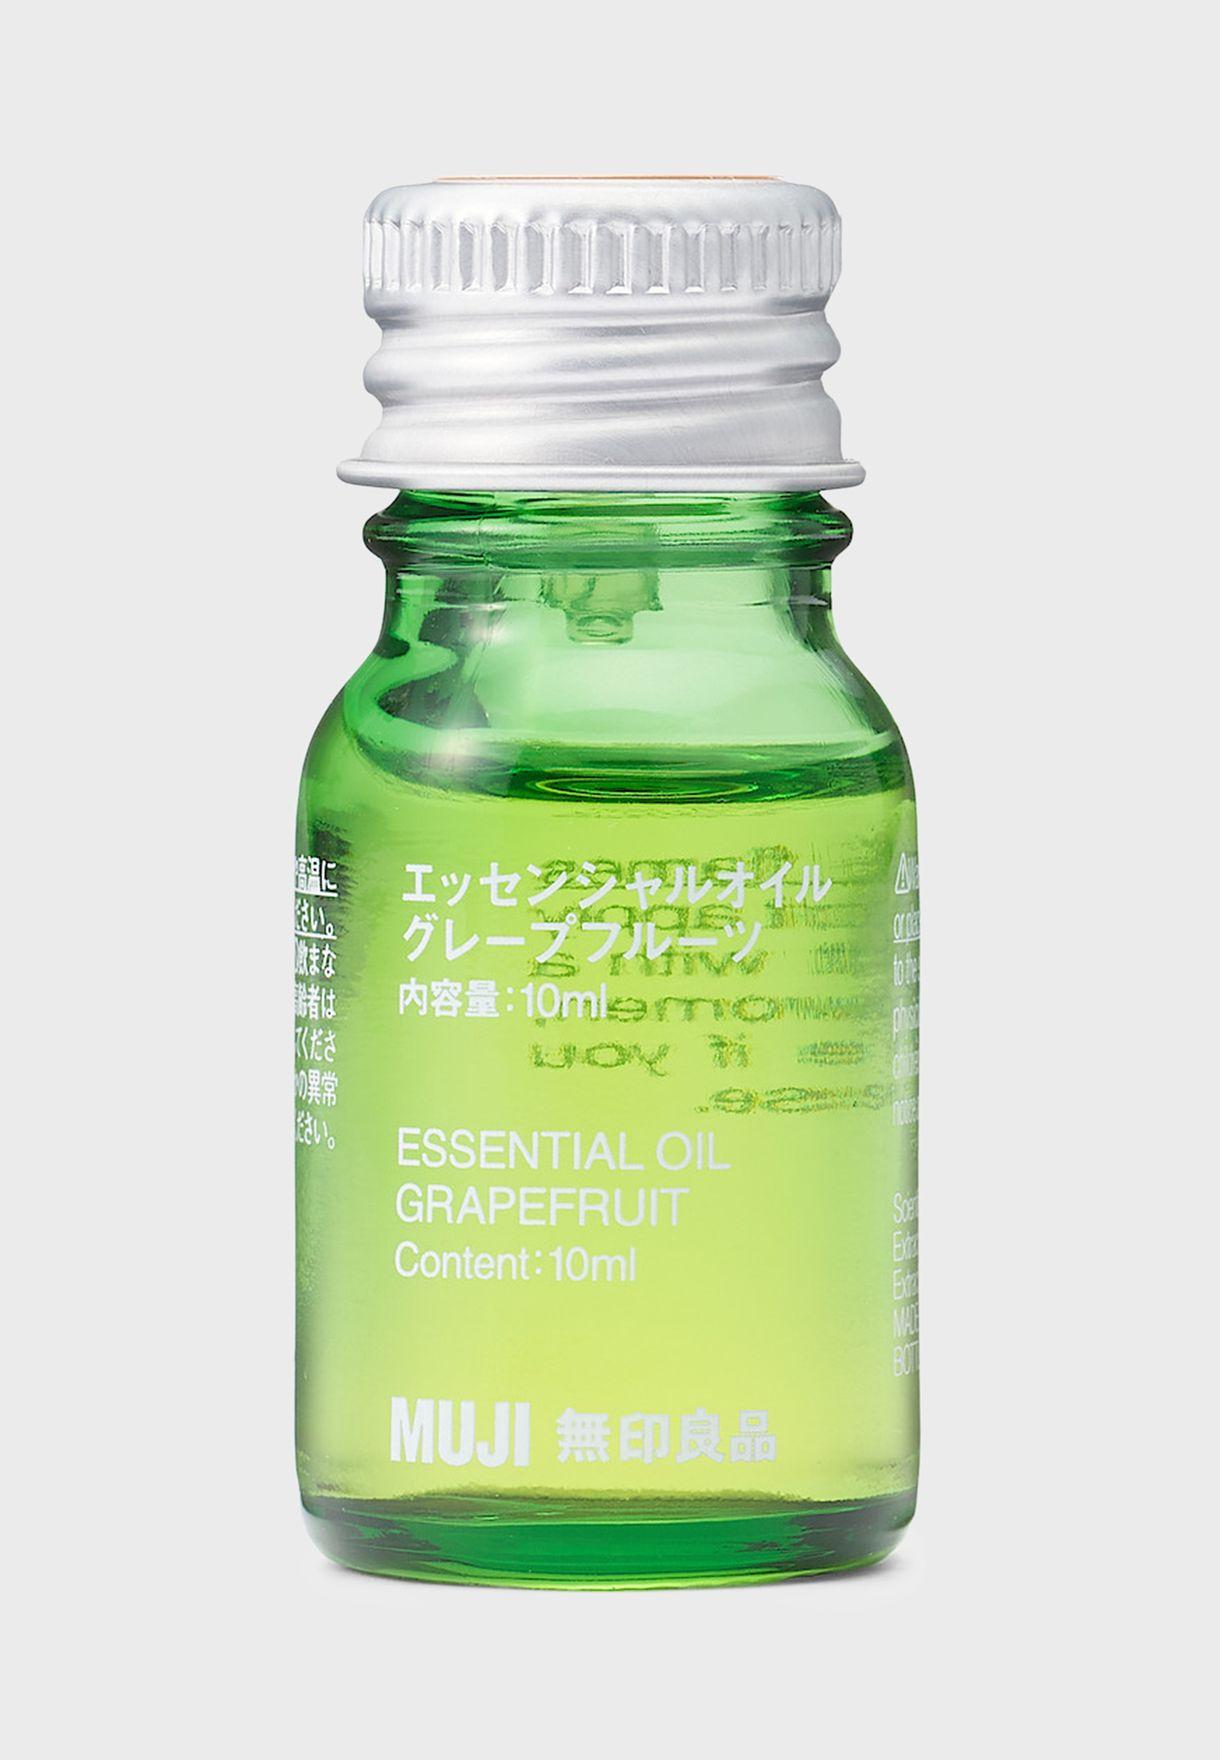 Essential Oil Grapefruit 10Ml